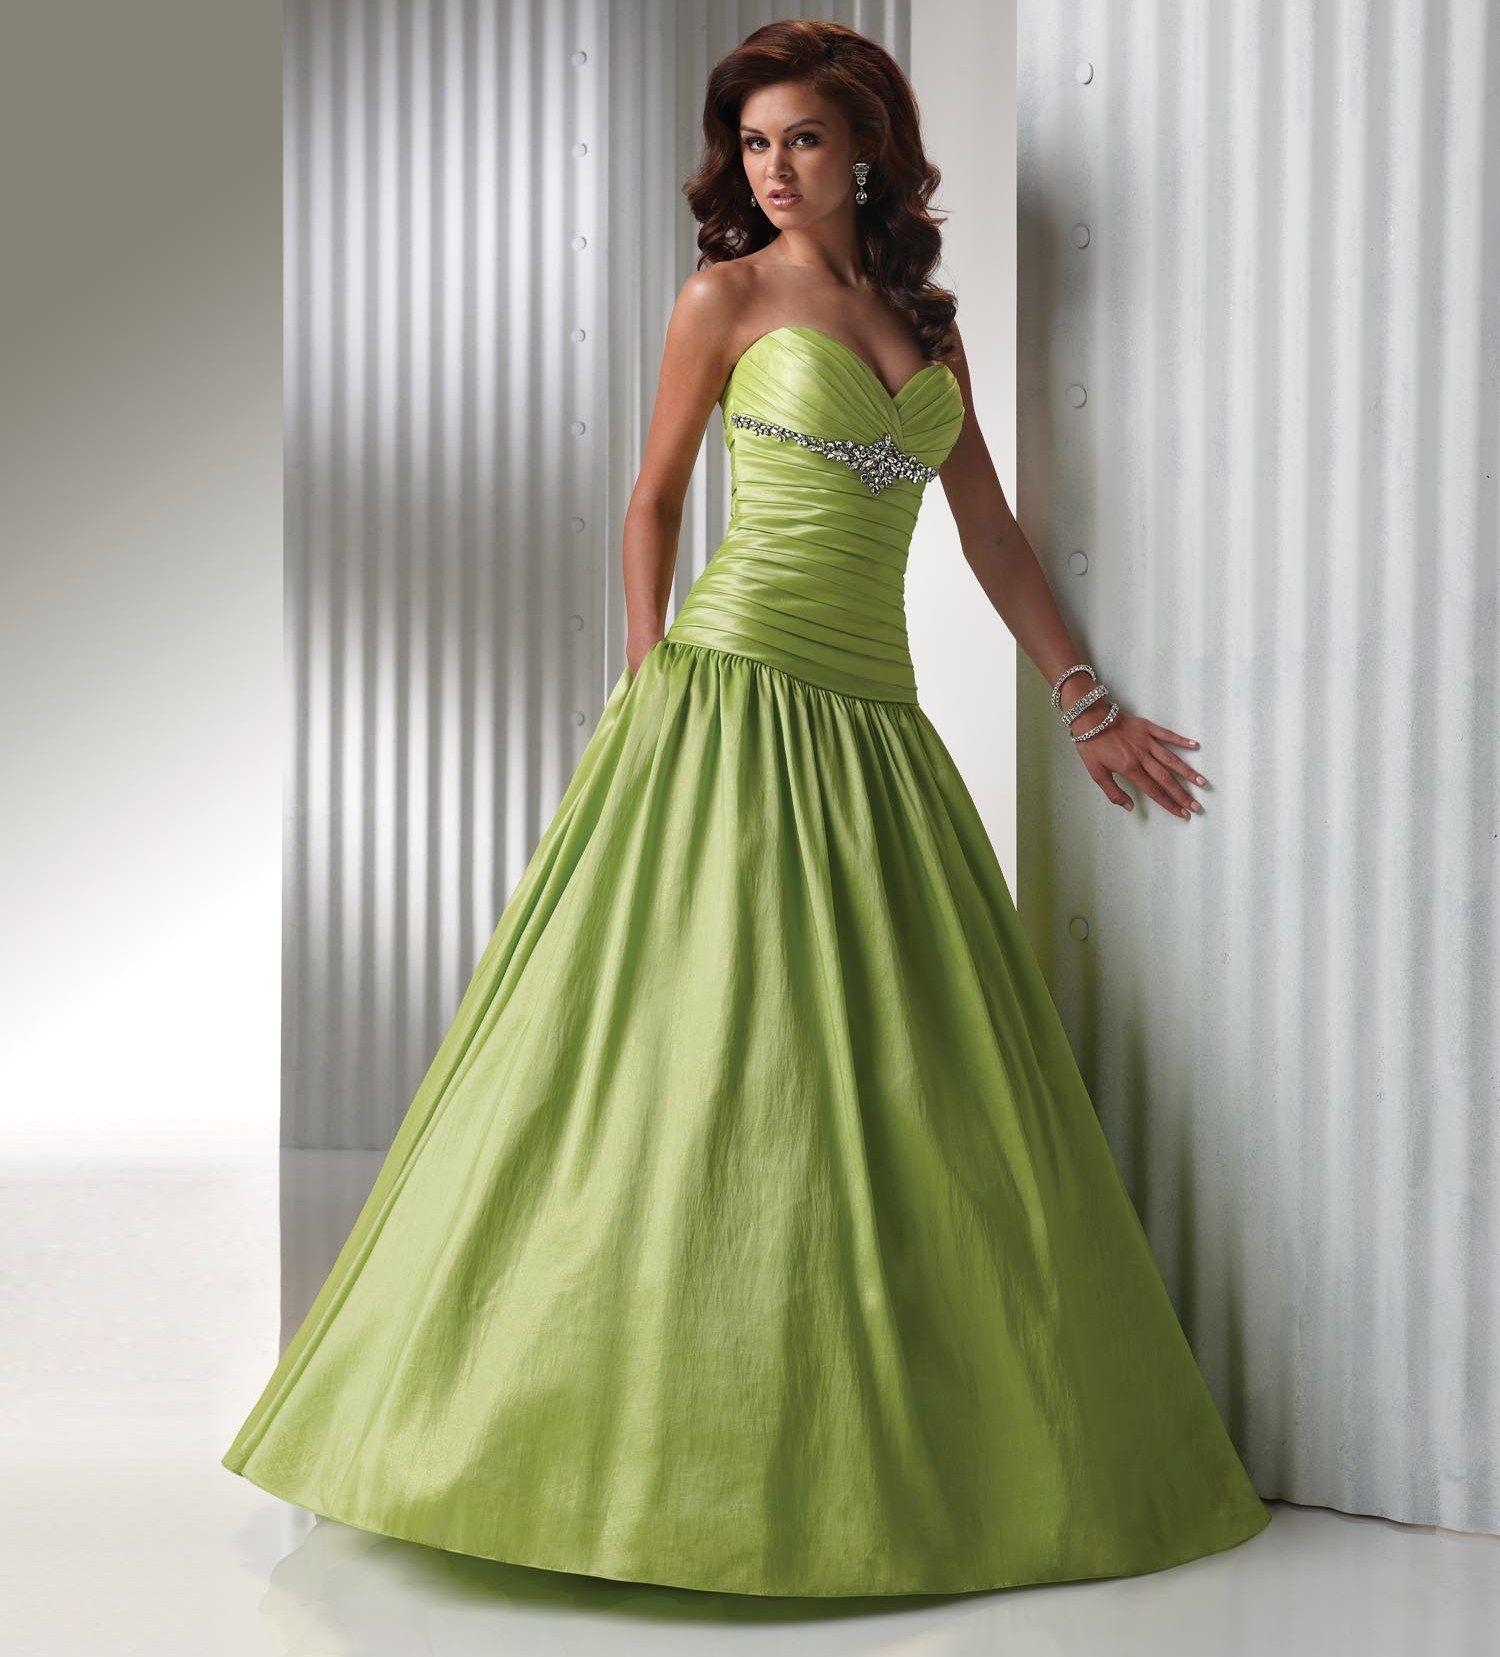 Dresses, Prom Dresses, Green